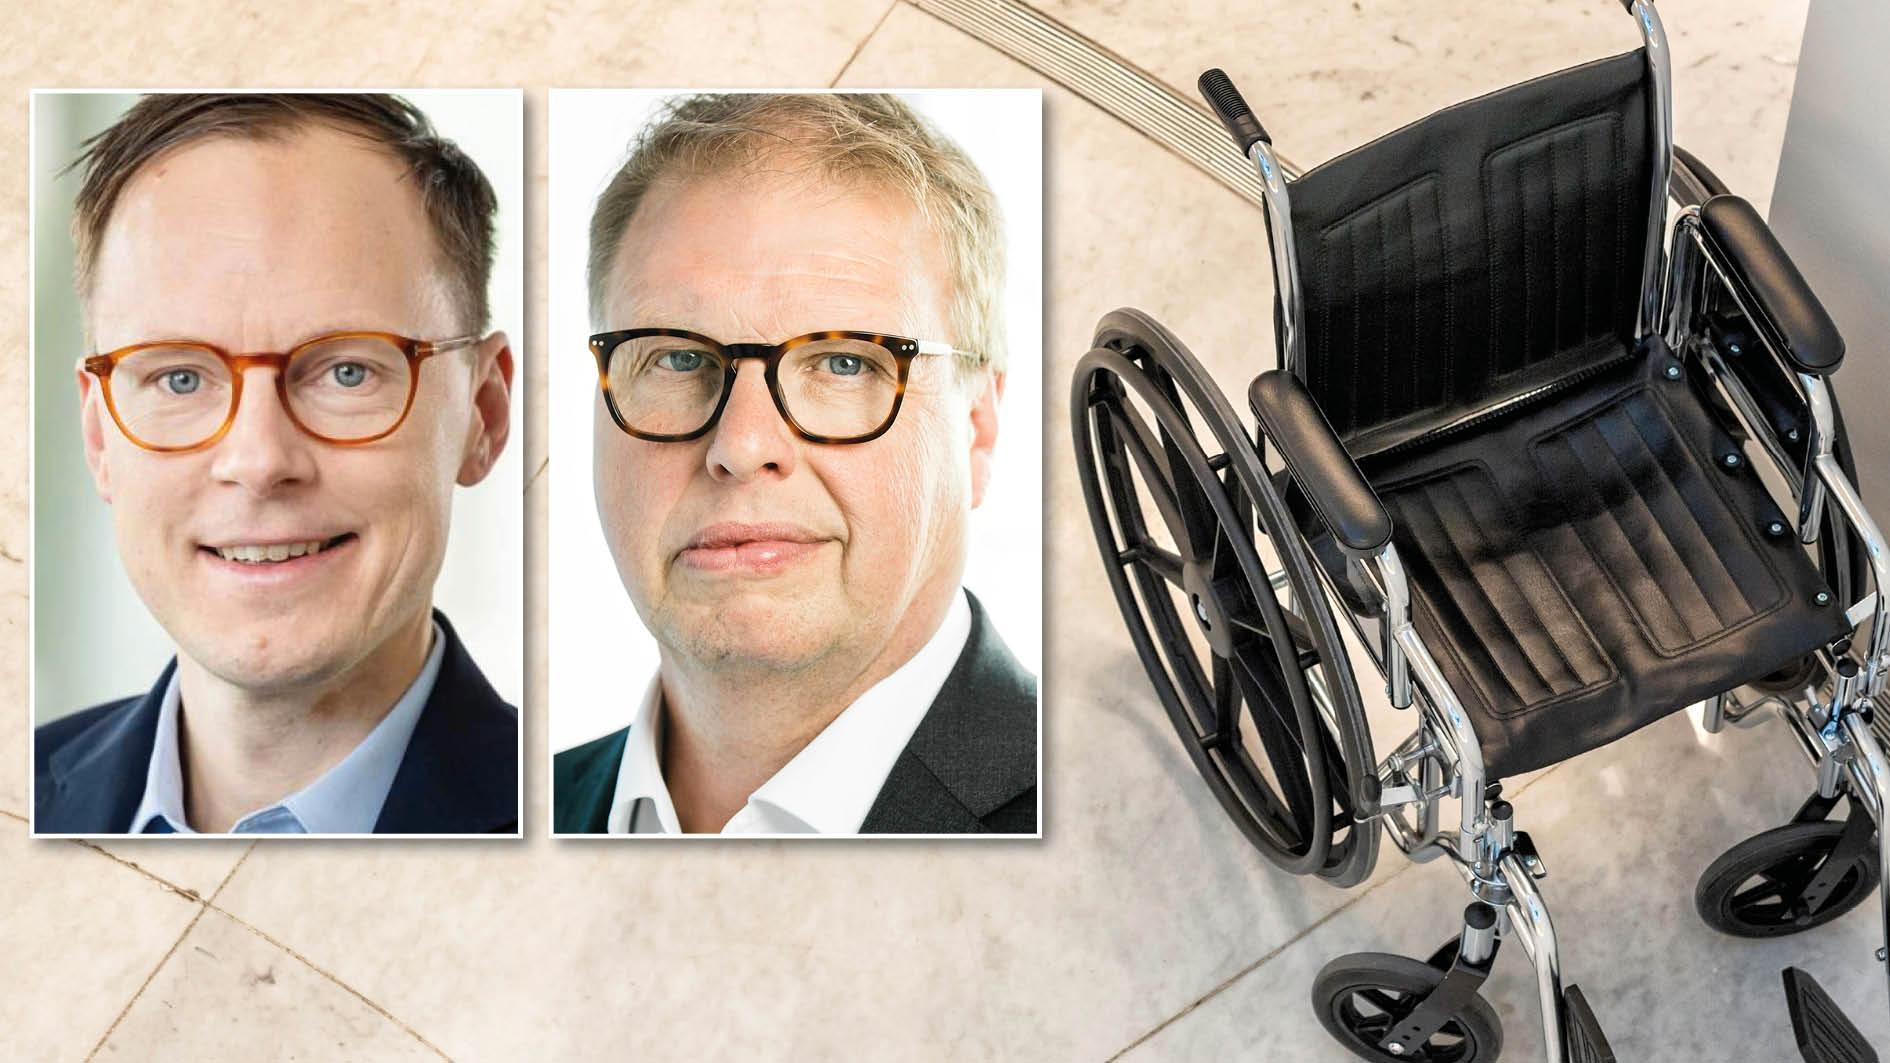 Att funktionsnedsatta i behov av stöd har möjlighet att komma till Sverige och få hjälp kan verka humant. Men socialpolitik är inte biståndspolitik. Vi vill införa en ny regel där assistans till nyanlända enbart utförs av kommunen. Då kan vi stoppa brukarimporten, skriver Mats Persson och Bengt Eliasson.